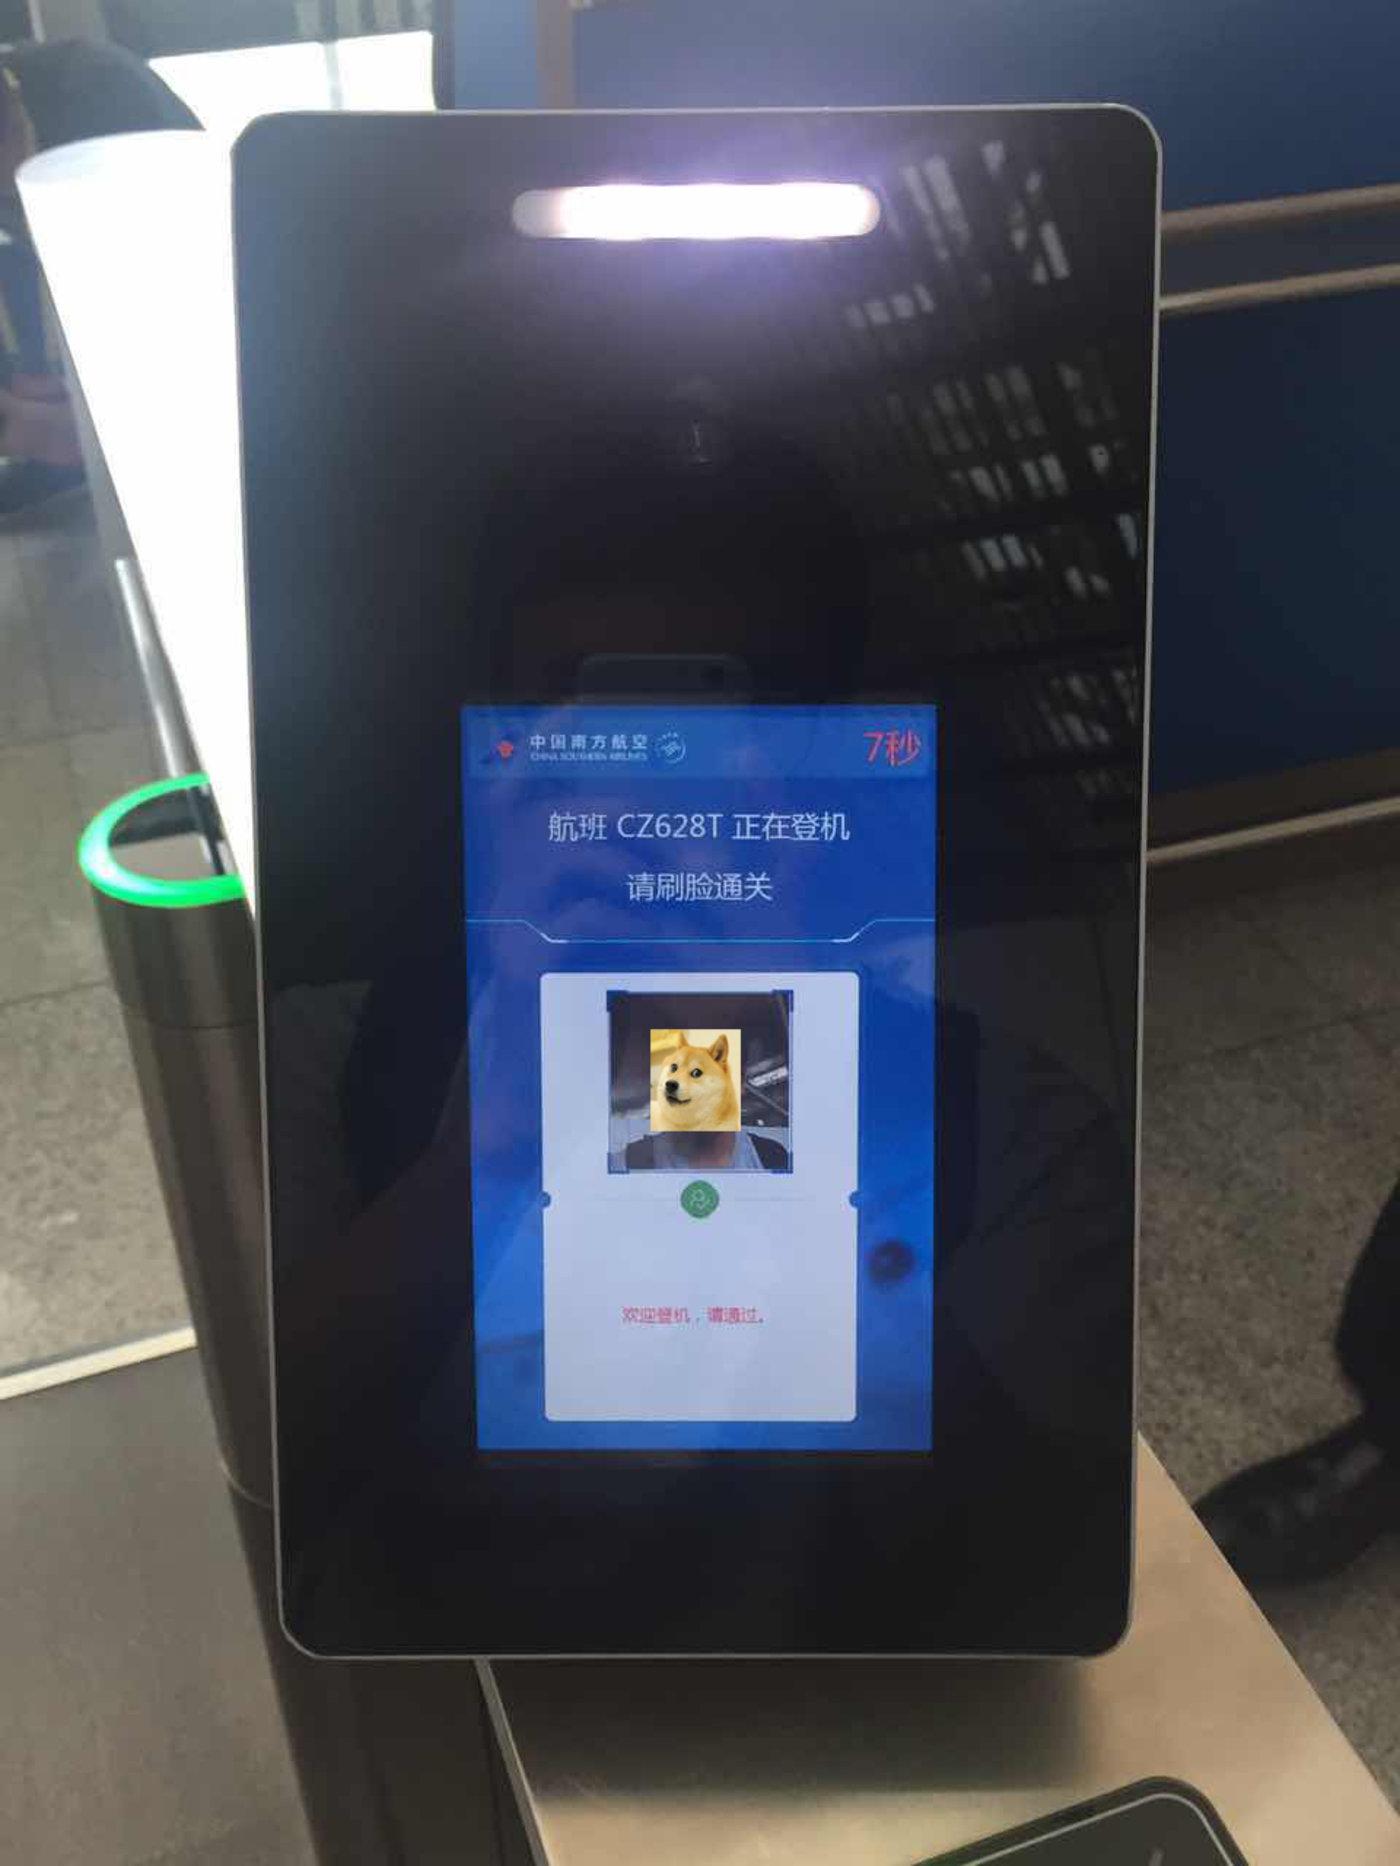 登机处的人脸识别机器(狗的图片为后期处理)